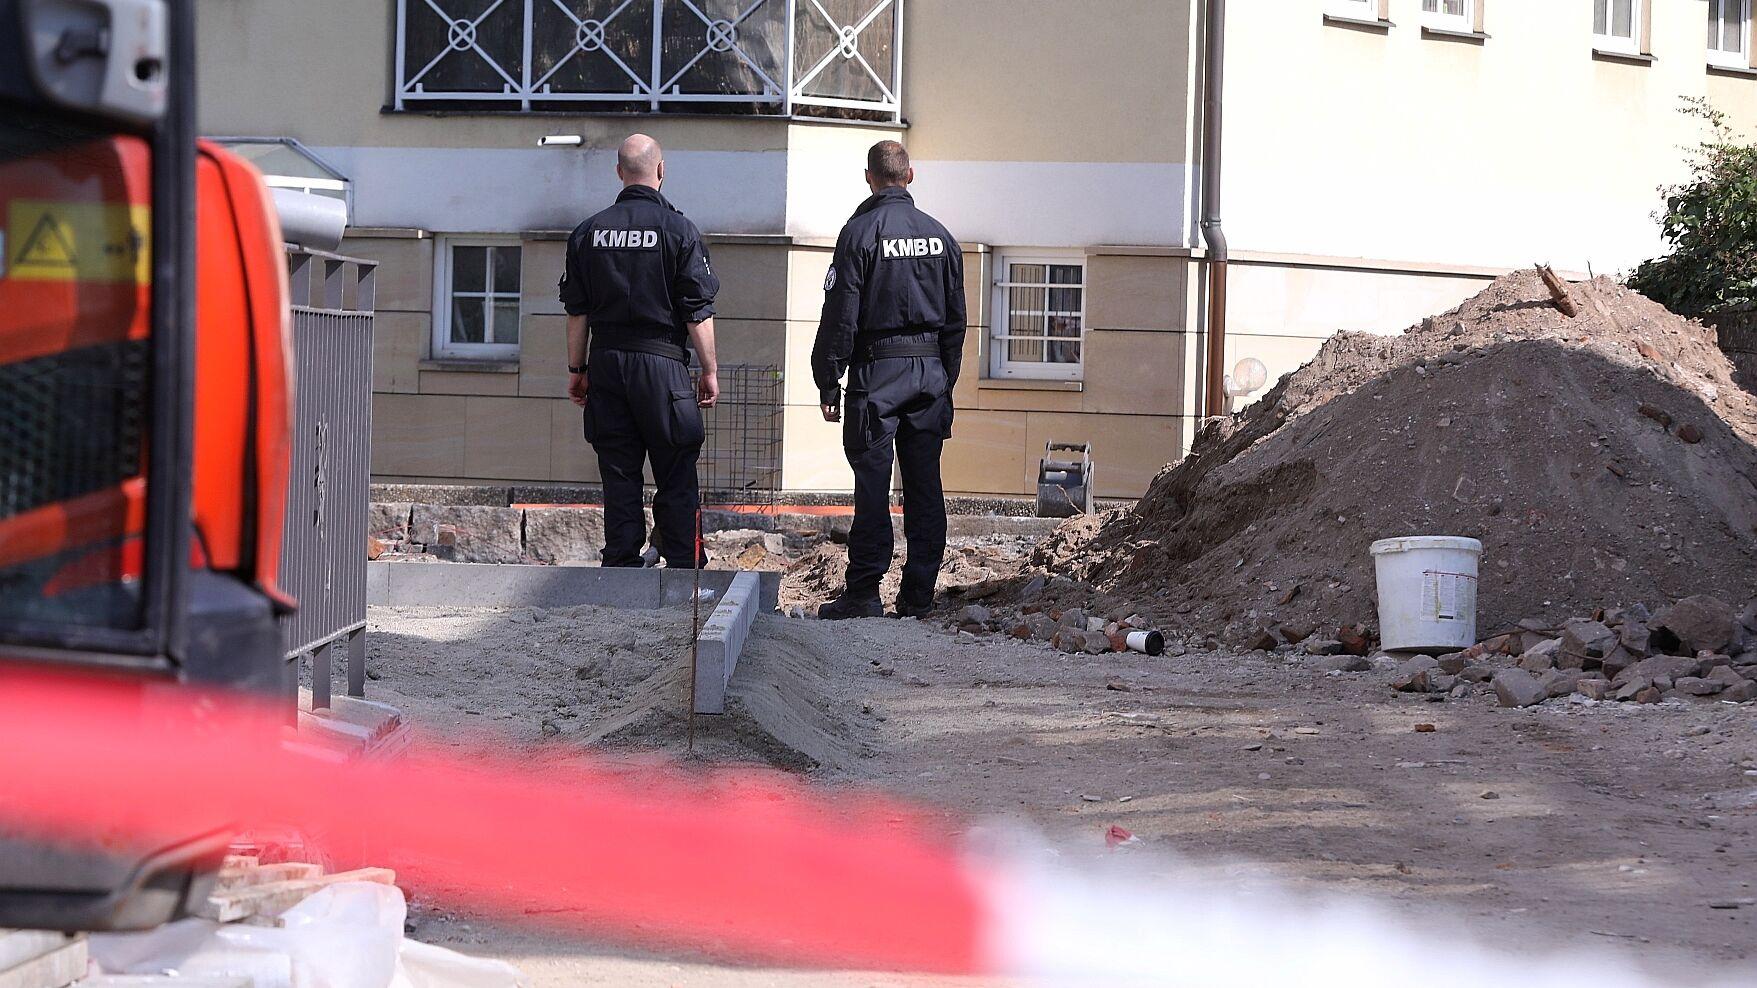 Kampfmittelbeseitigungsdienst im Einsatz an der Georgenstraße